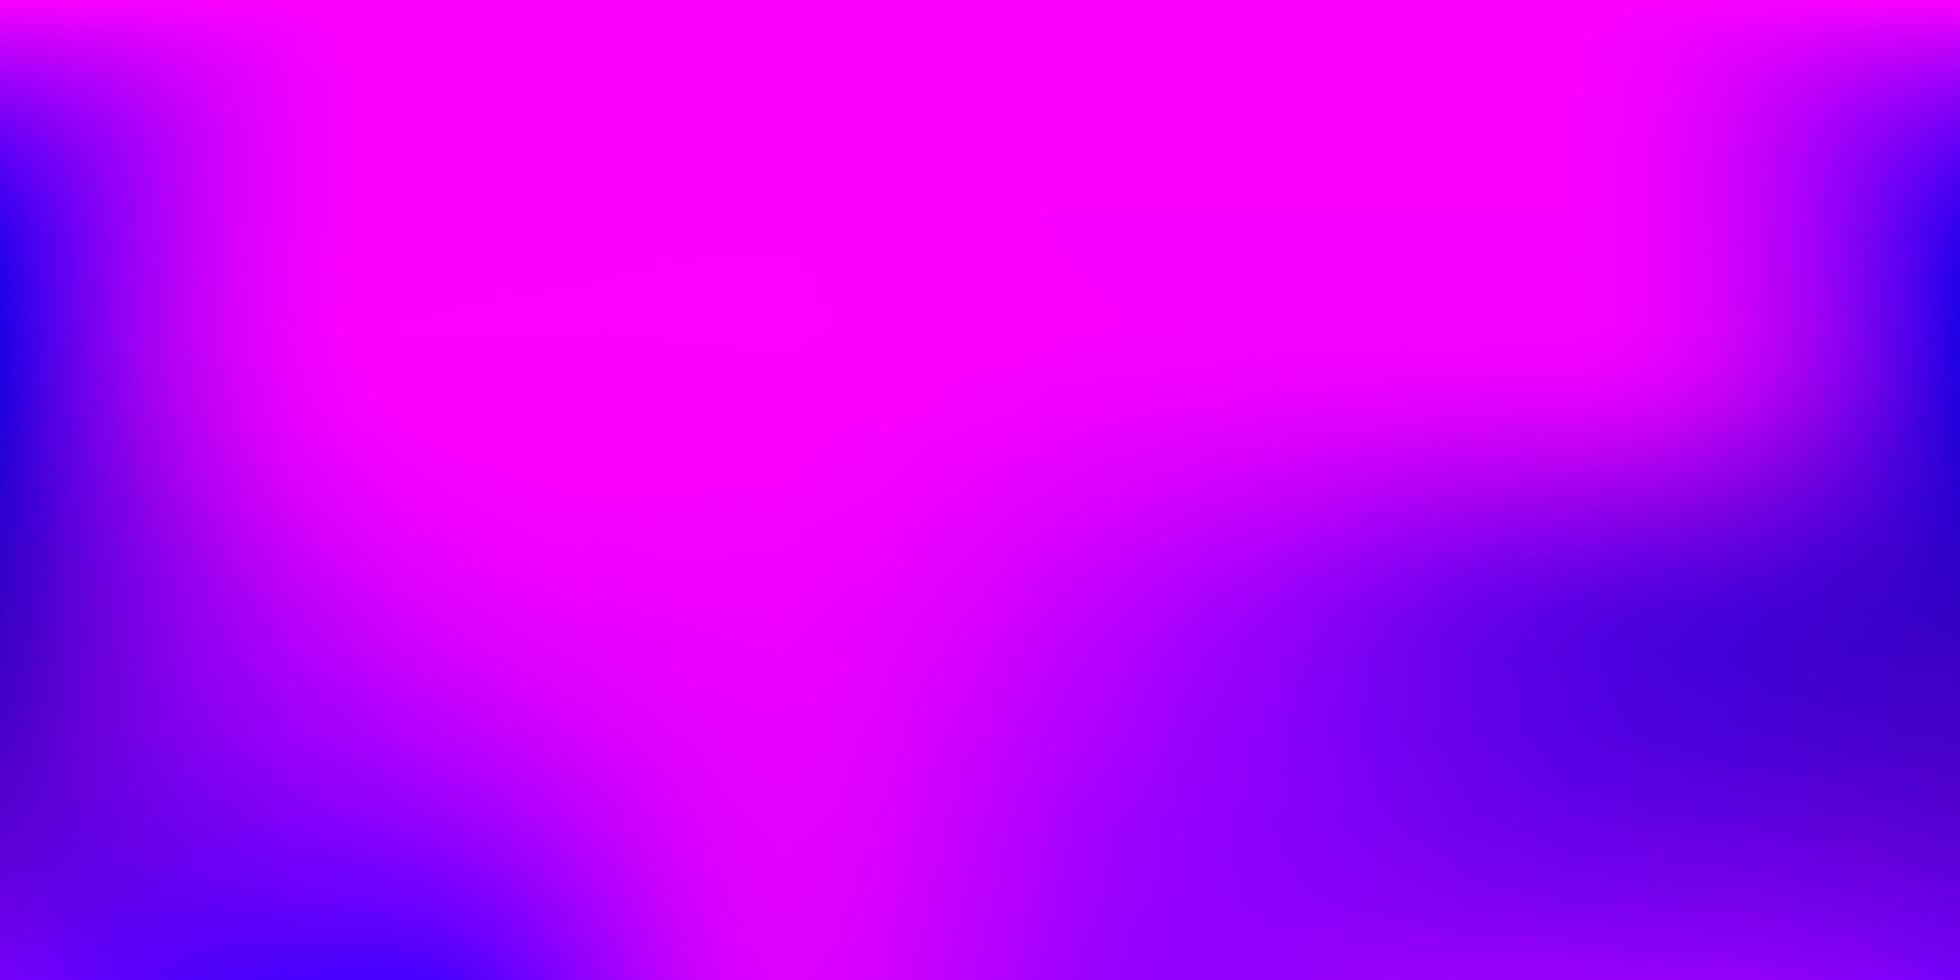 layout de borrão abstrato de vetor roxo claro.